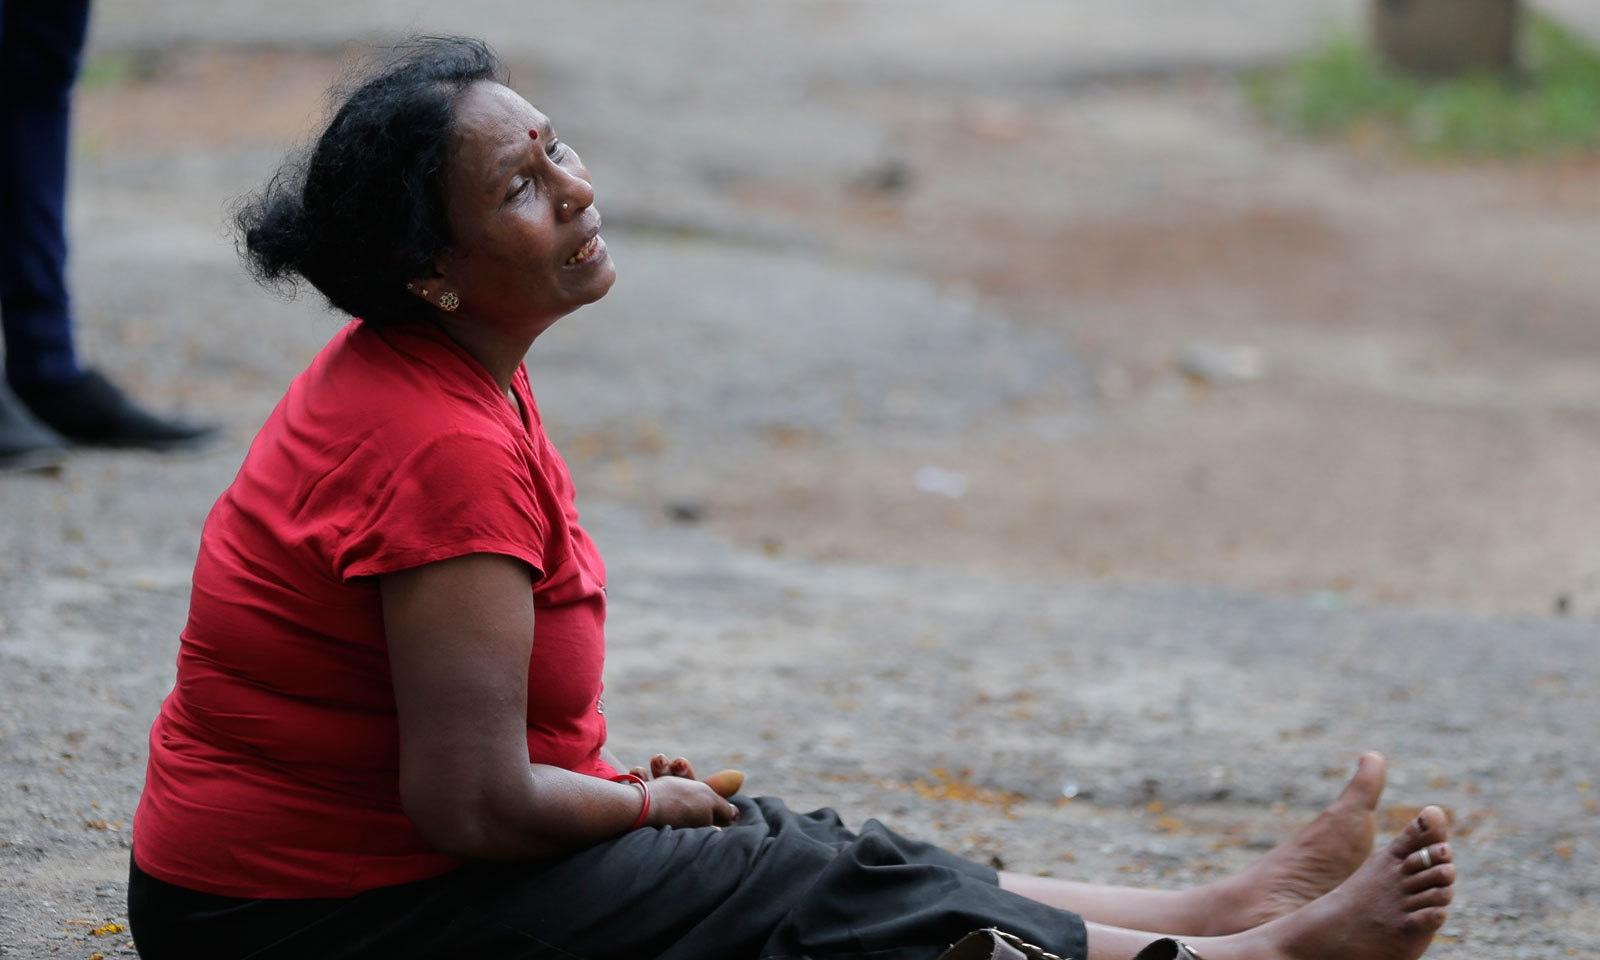 8 بم دھماکوں میں 207 سے زائد افراد ہلاک ہوئے — فوٹو: اے پی